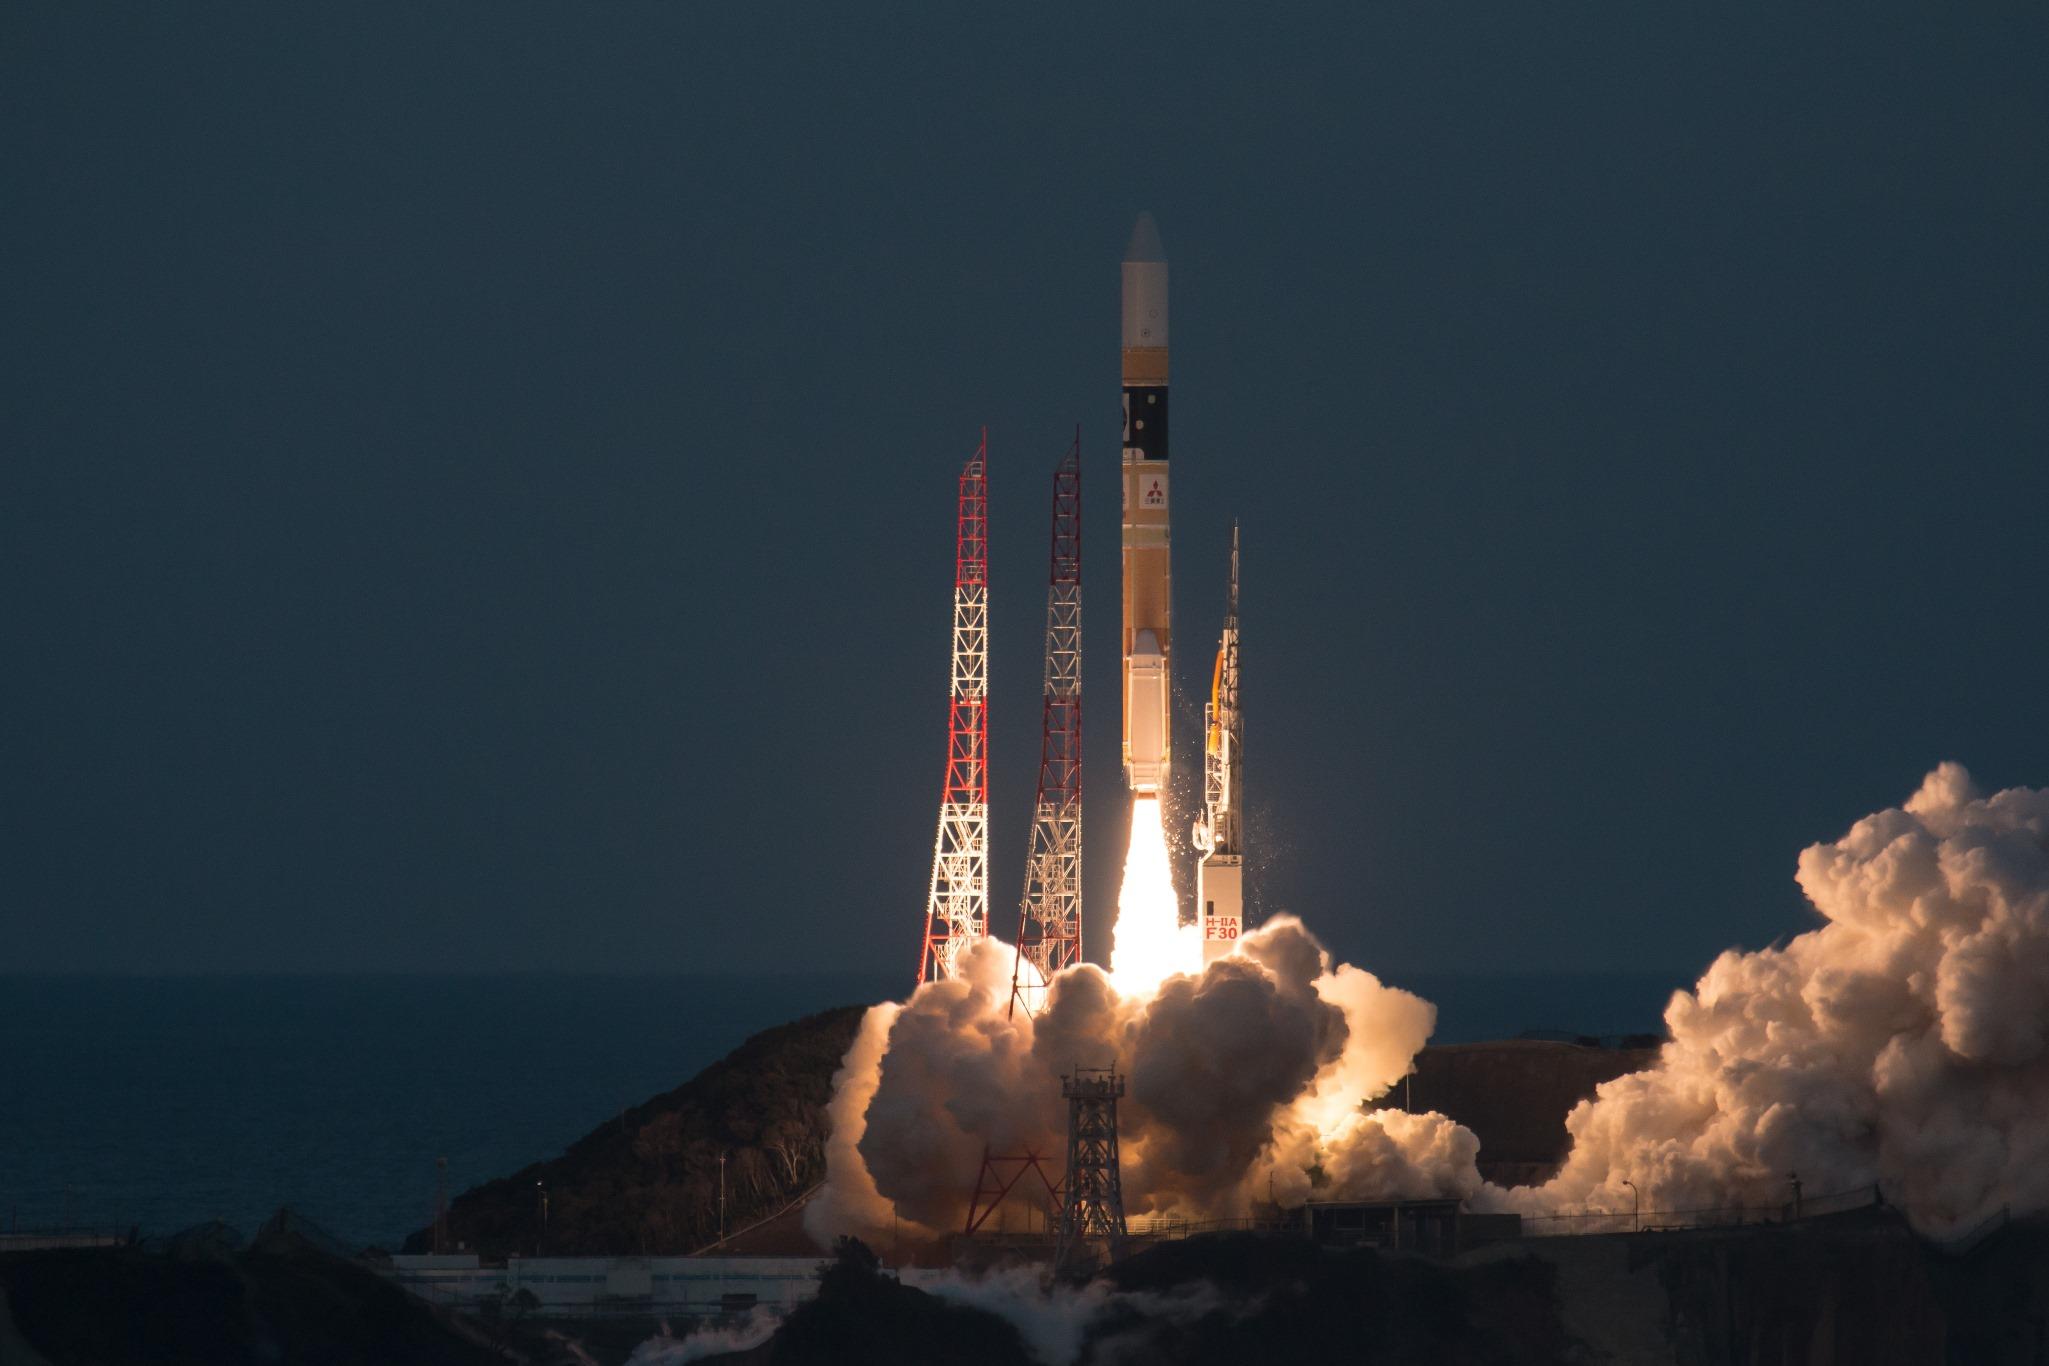 Mission d'astronomie ASTRO-H - Fusée H-2A - Tanegashima 17 février 2016 - JAXA